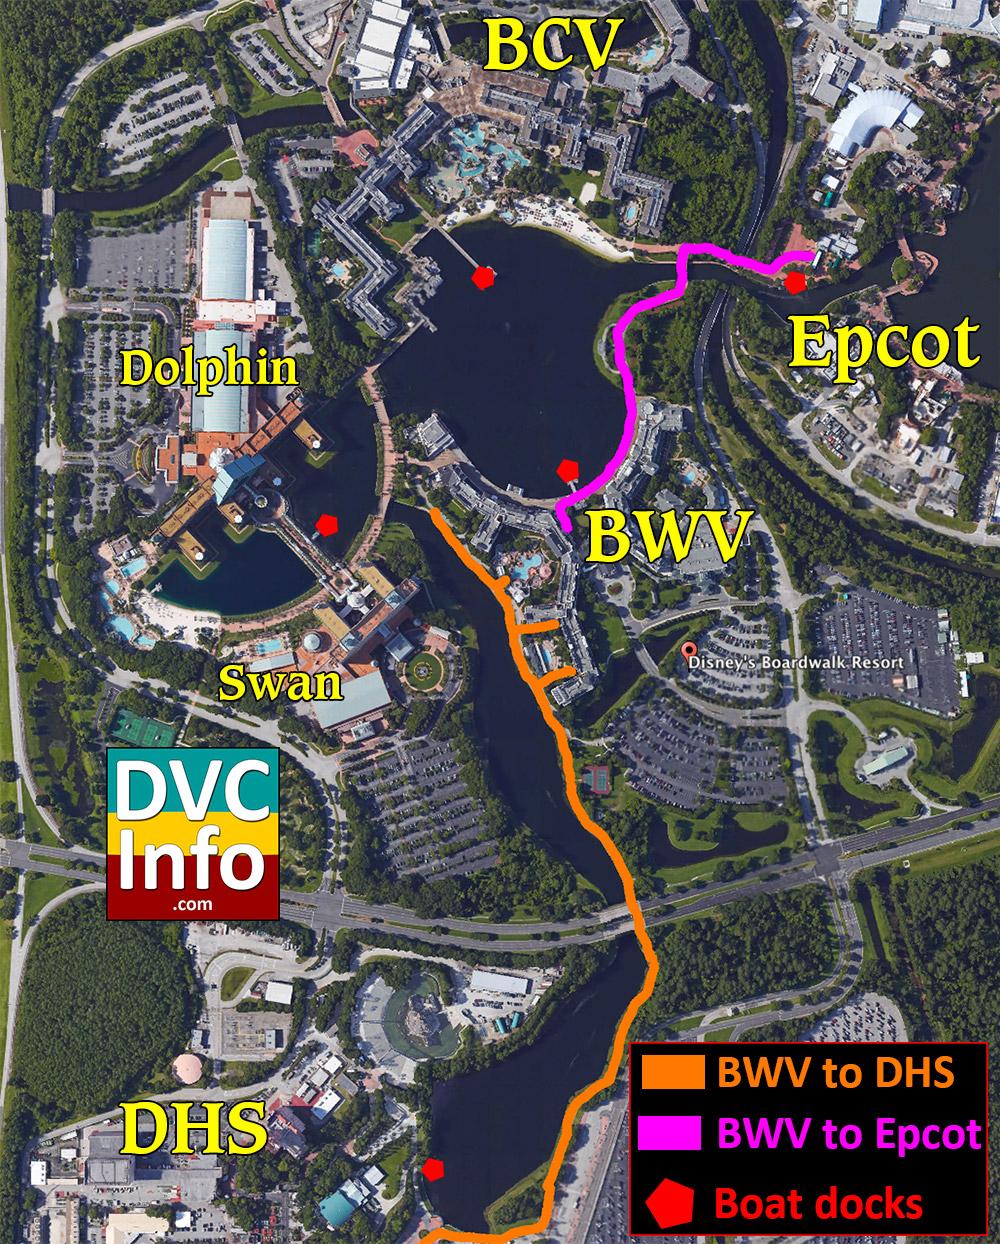 Disney\'s BoardWalk Villas - DVCinfo